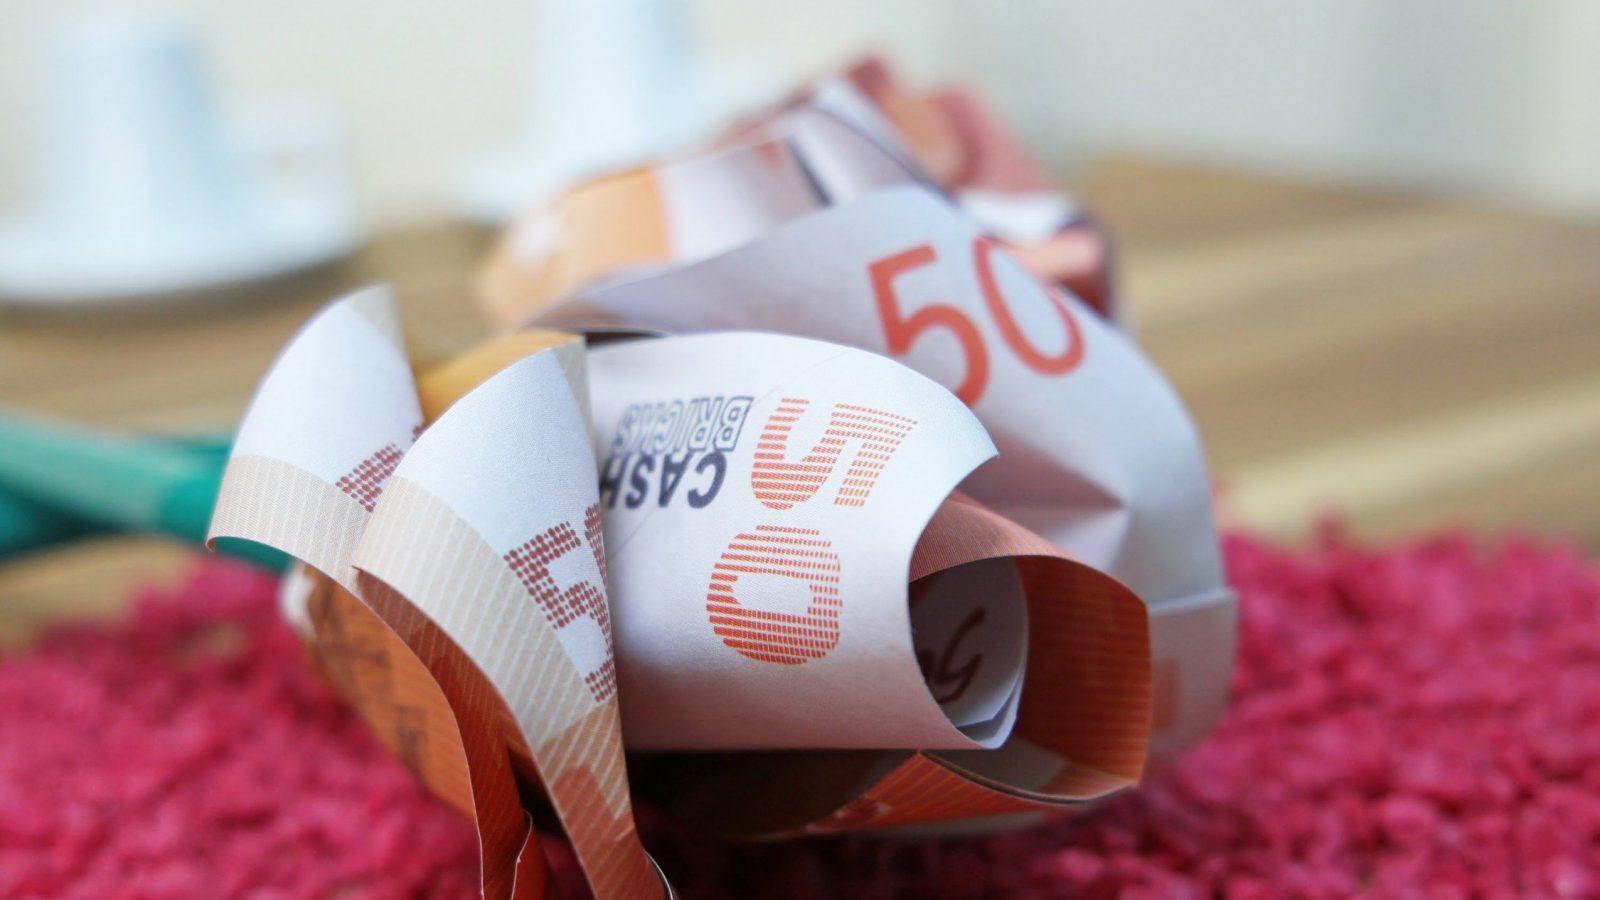 Geldscheine Falten Rose 🌹 Blume Aus Geld Falten Anleitung  Youtube von Origami Rose Geldschein Anleitung Bild